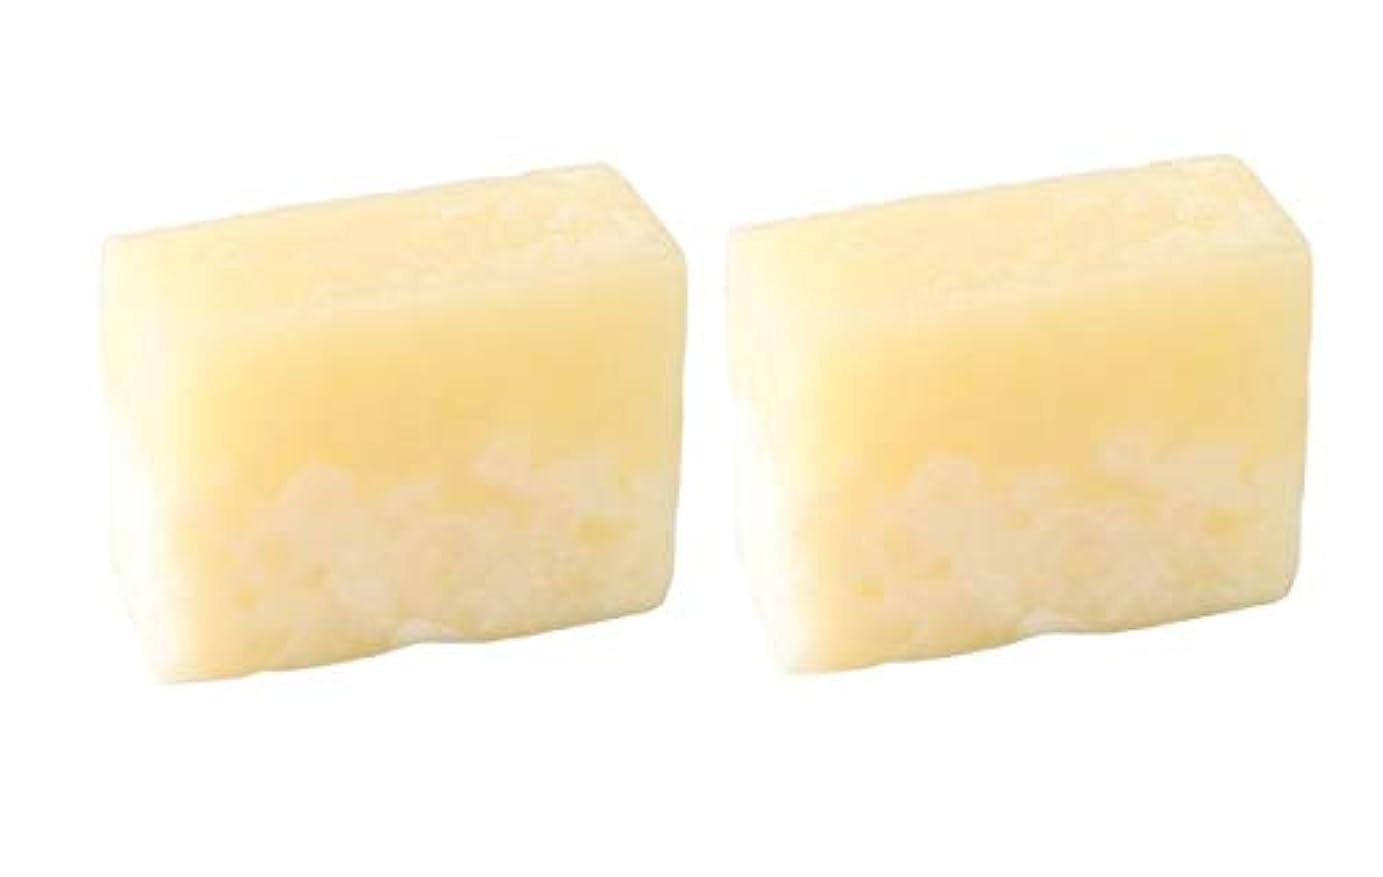 後ろにコンパクト頂点LUSH ラッシュ ボヘミアン(100g)×2個セット レモンの爽やかな香りソープ